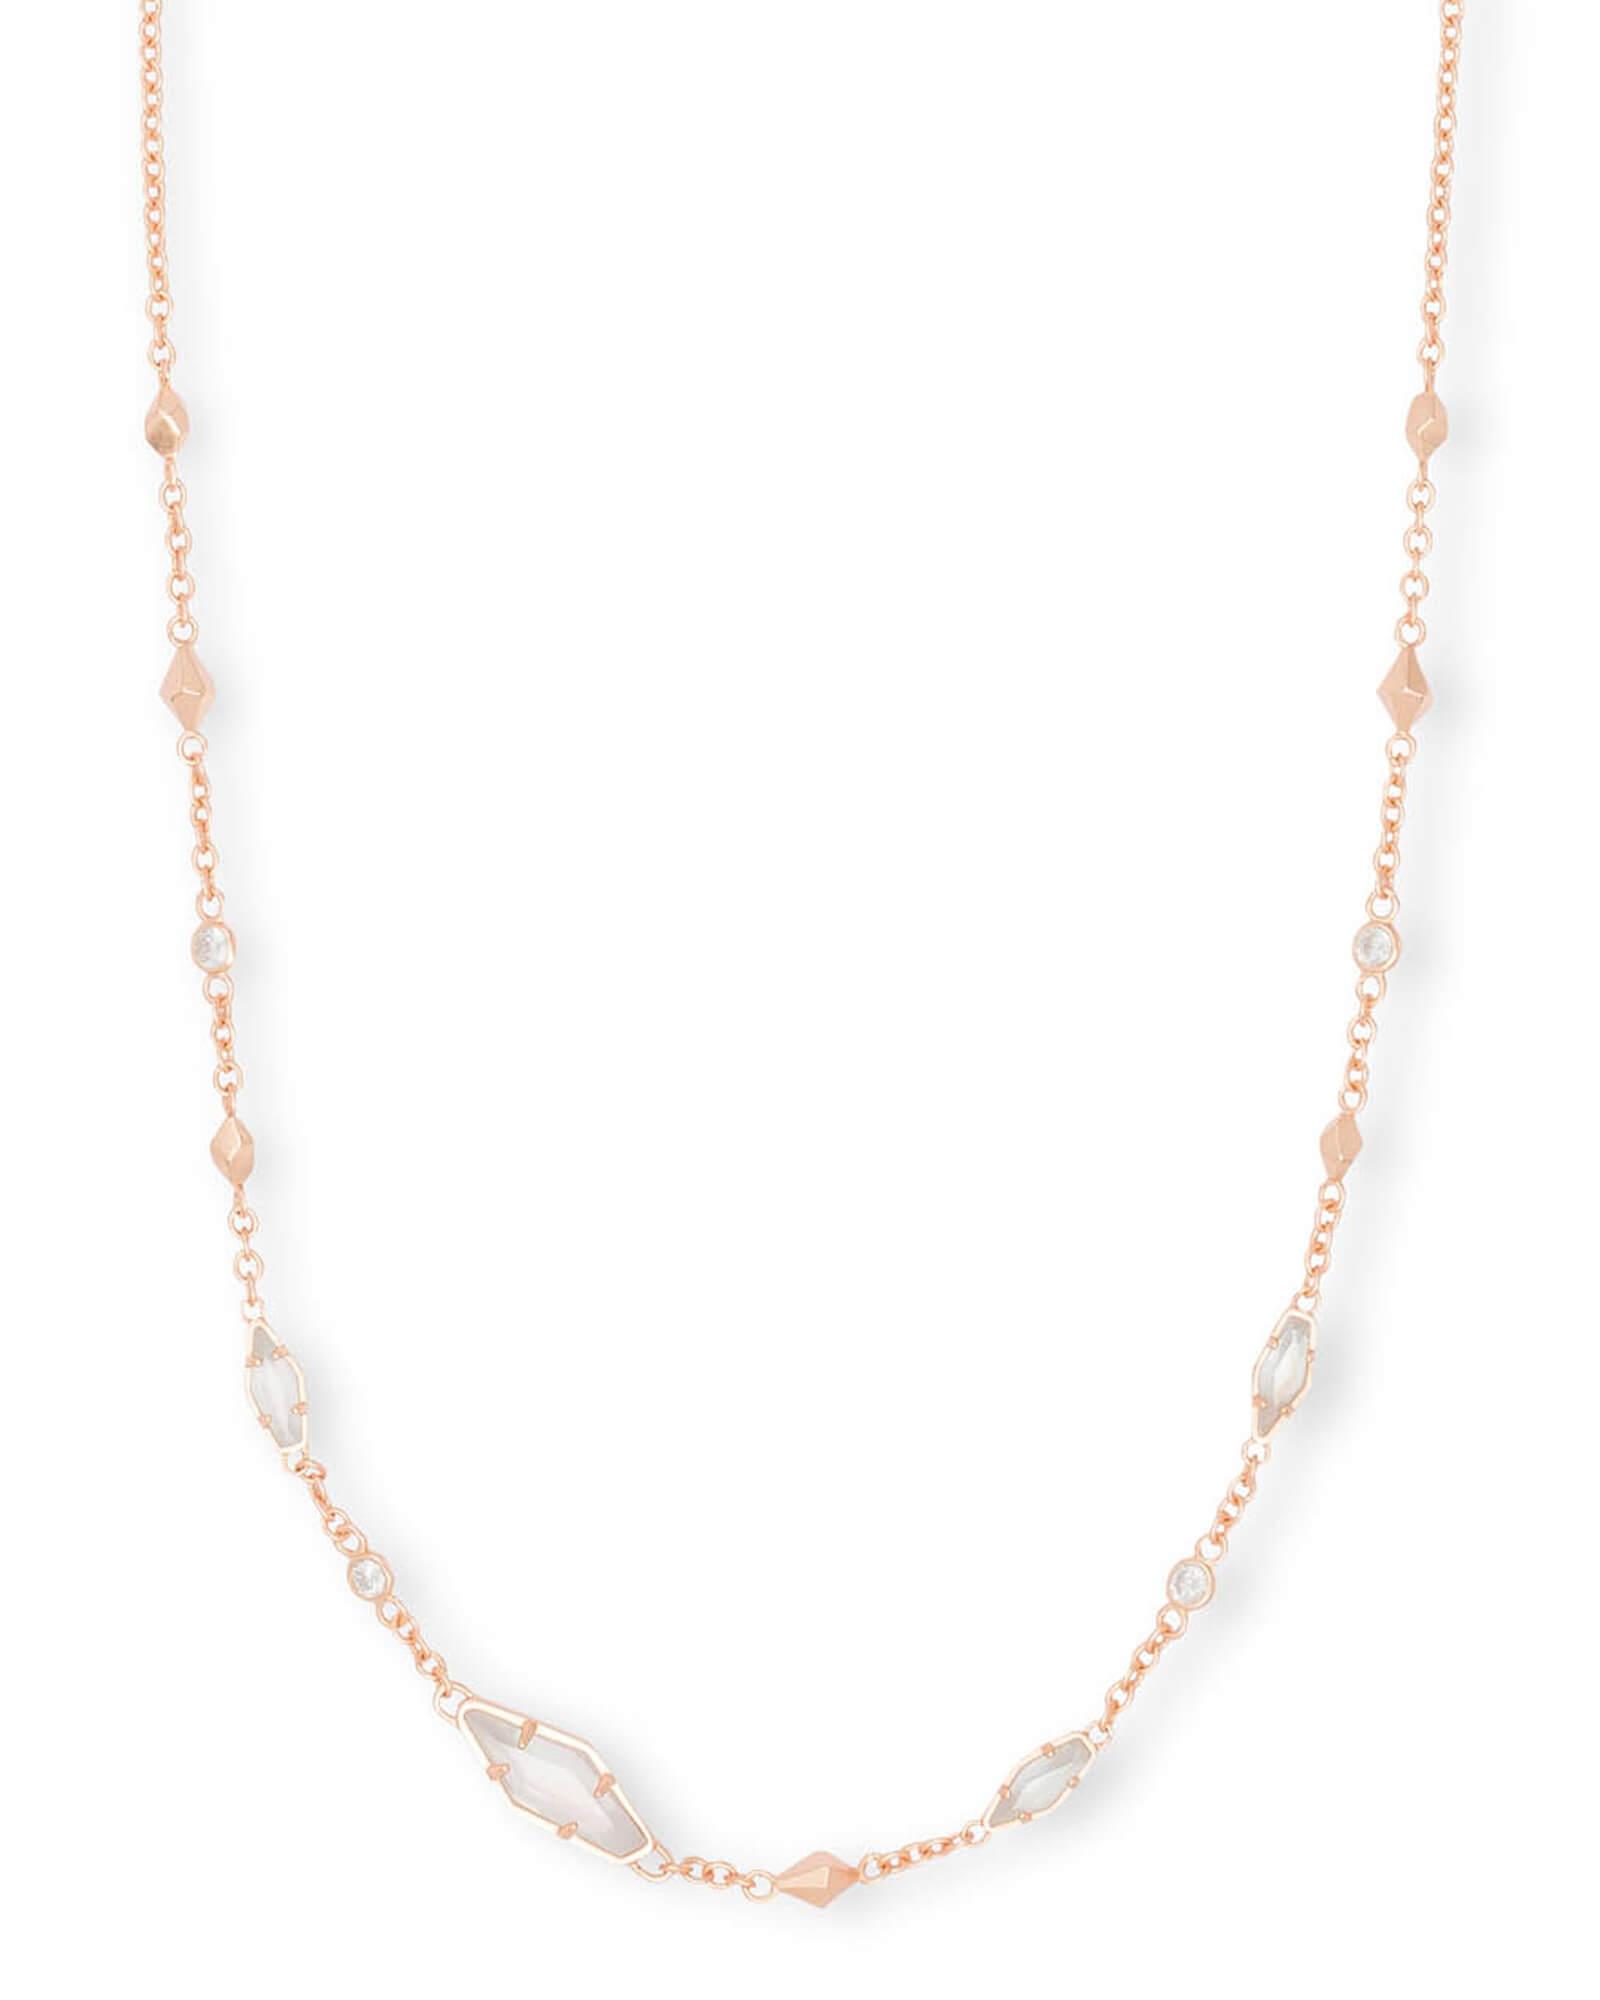 0223d4f8796a80 Debra Choker Necklace in Rose Gold | Jewelry | Kendra Scott